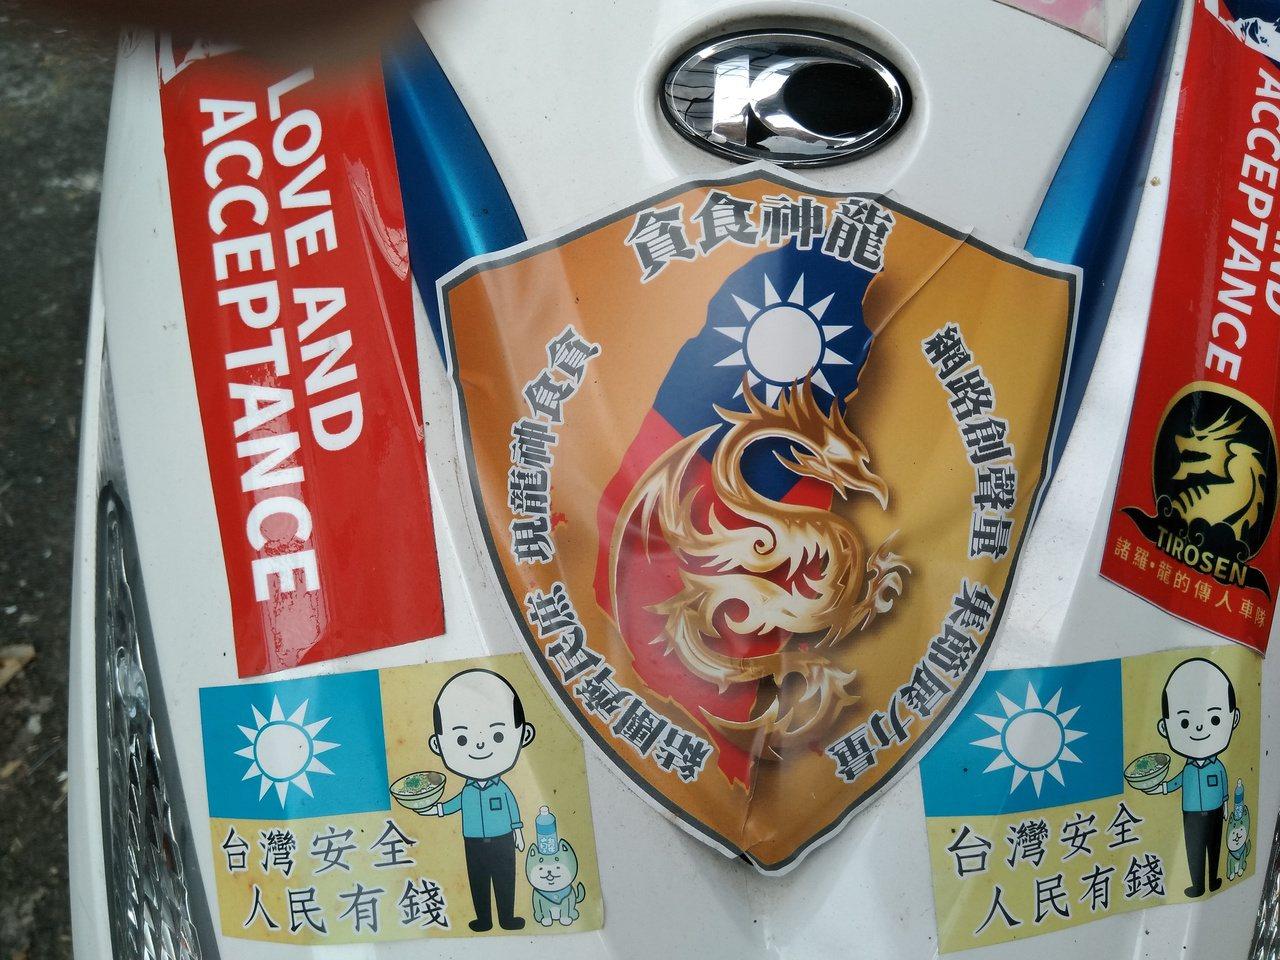 羅結東機車上貼滿貪吃蛇大遊行的標語及貼紙。記者陳玫伶/攝影